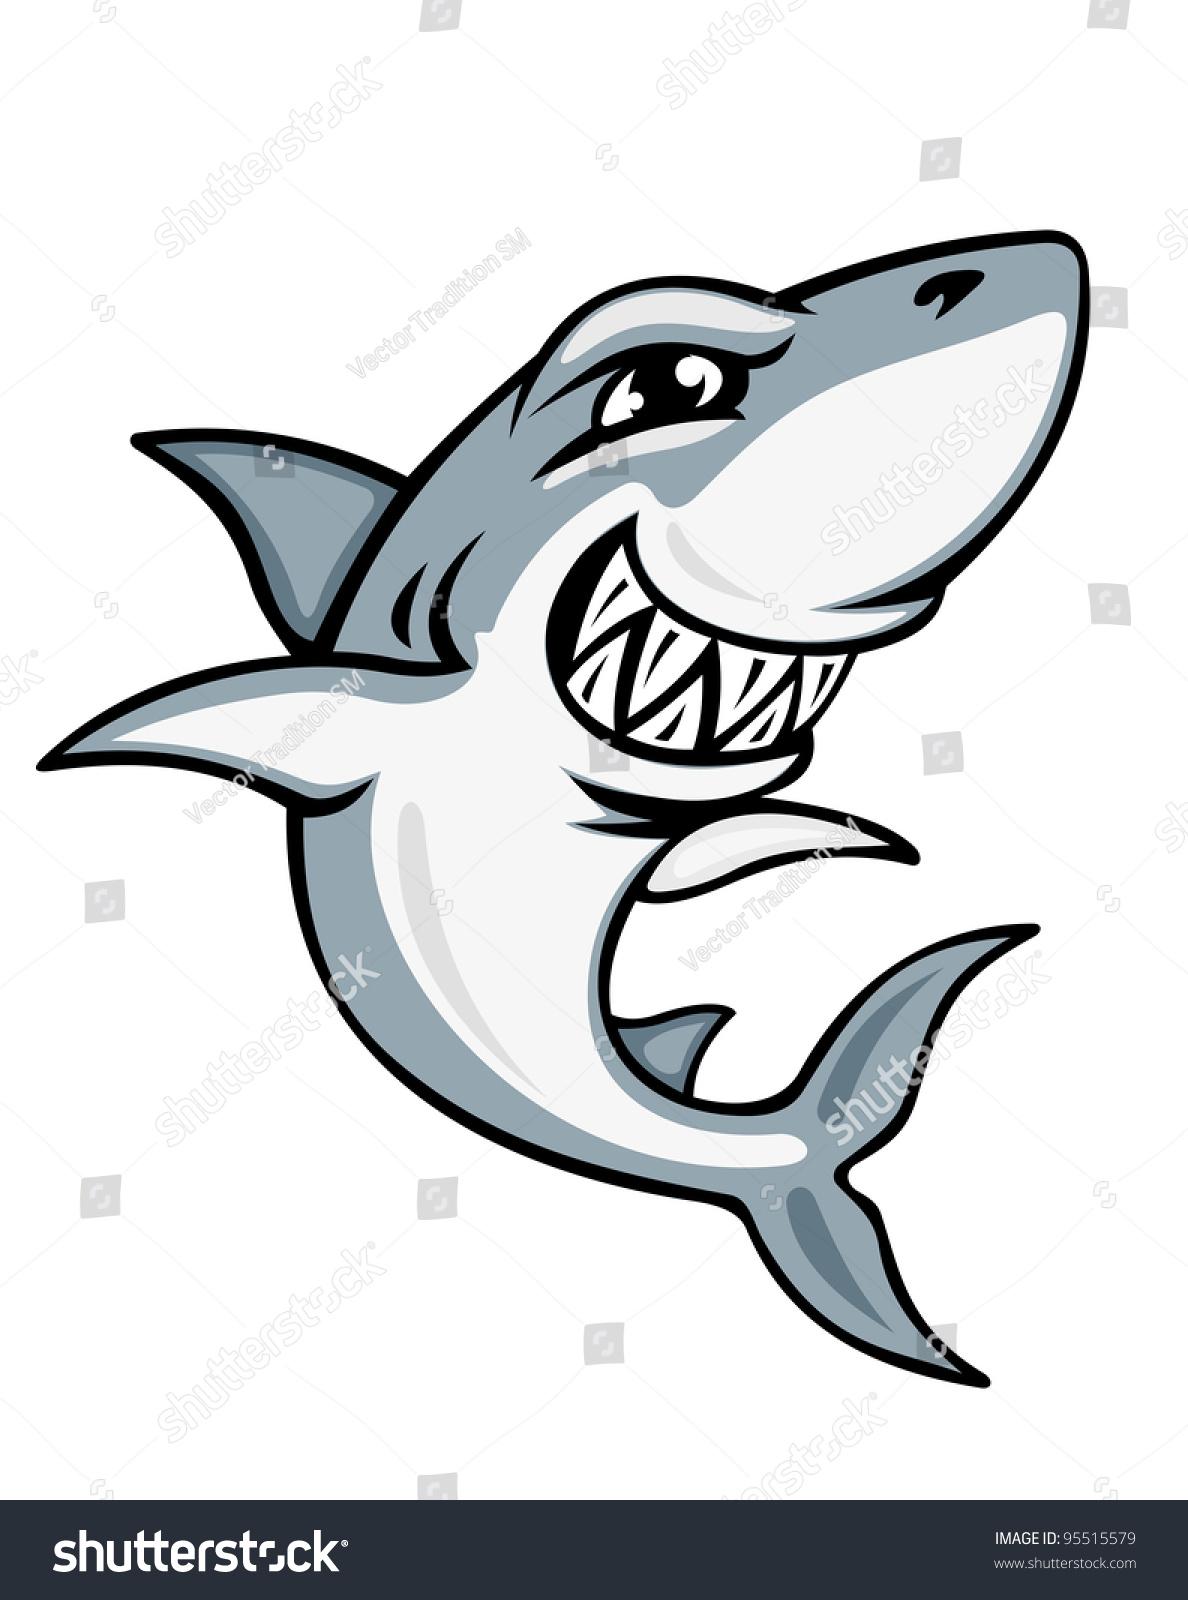 cartoon smiling shark mascot emblem design stock vector